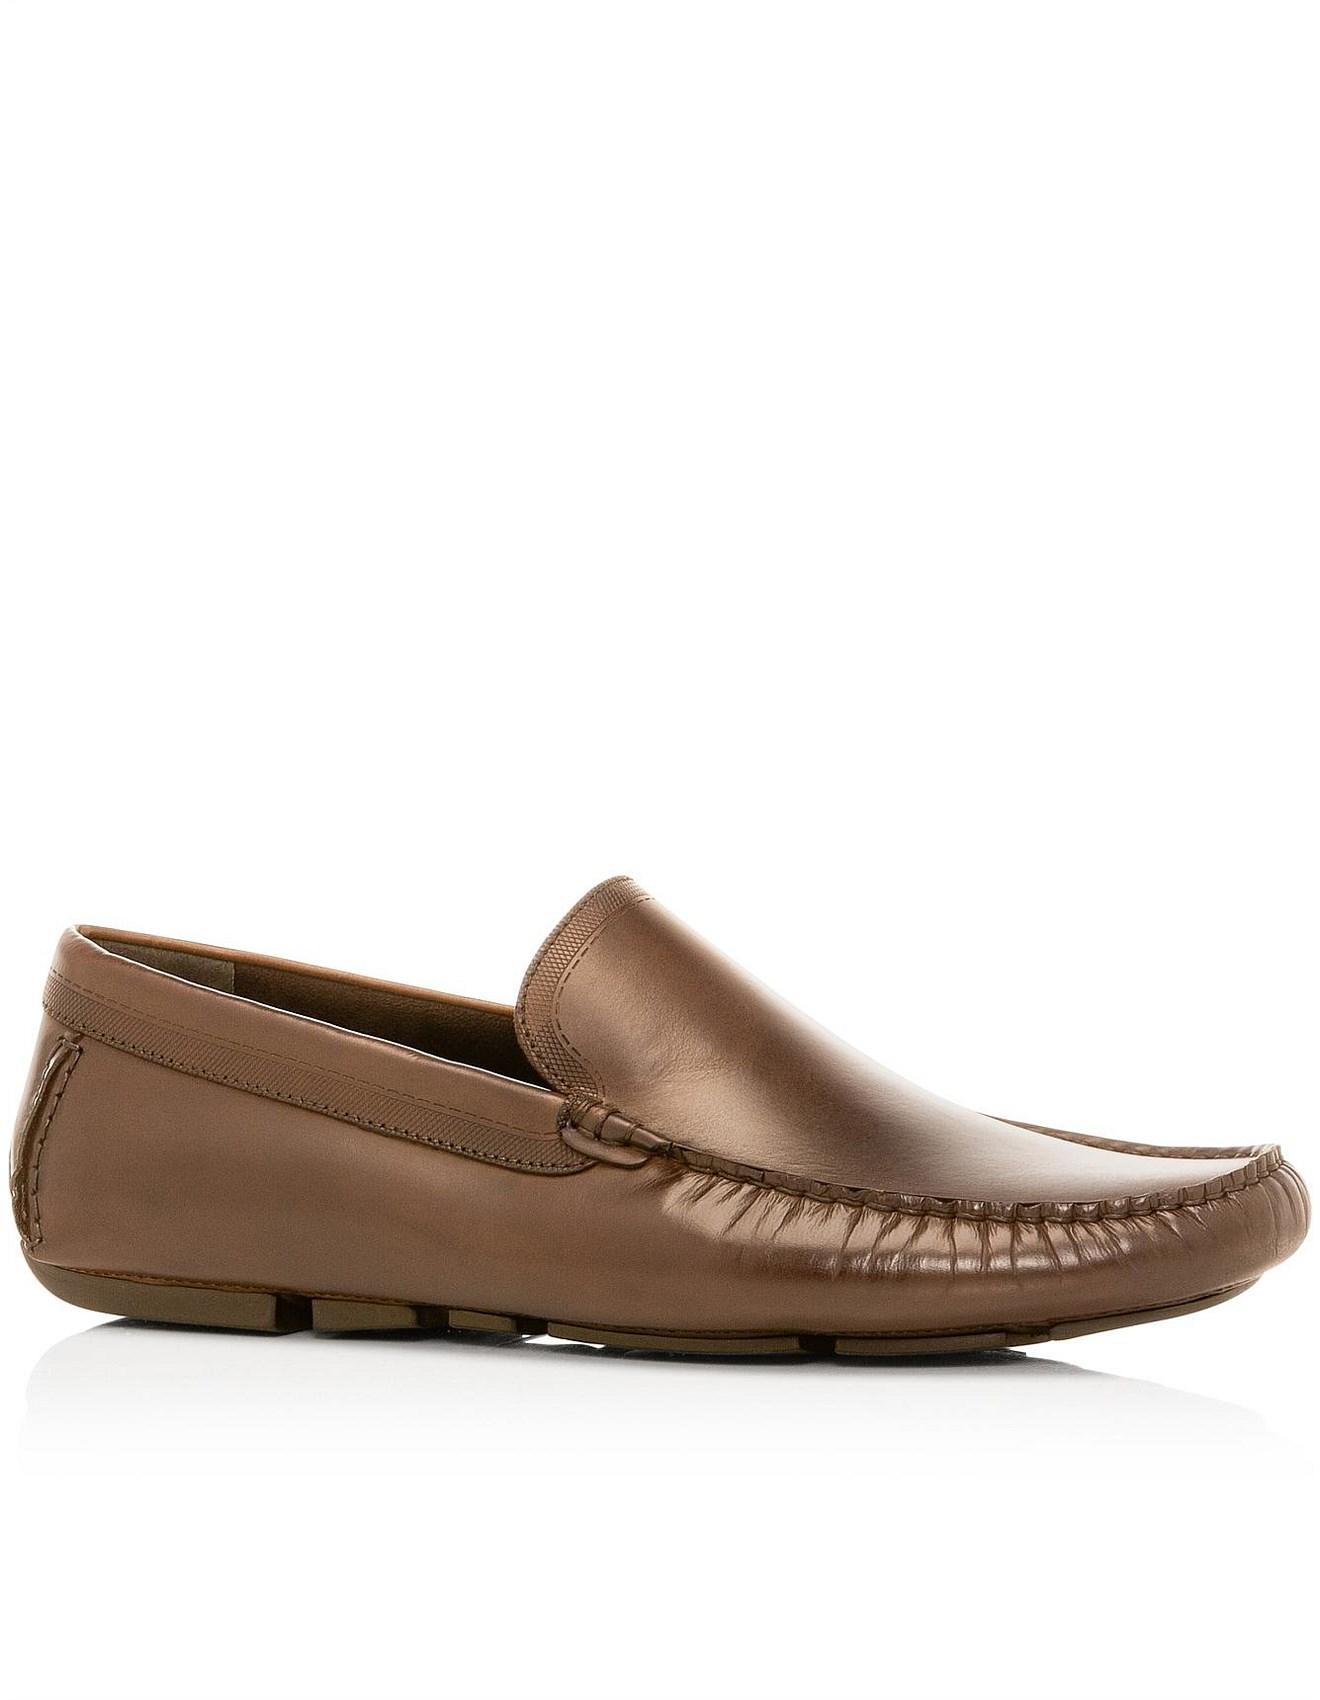 mens casual shoes david jones